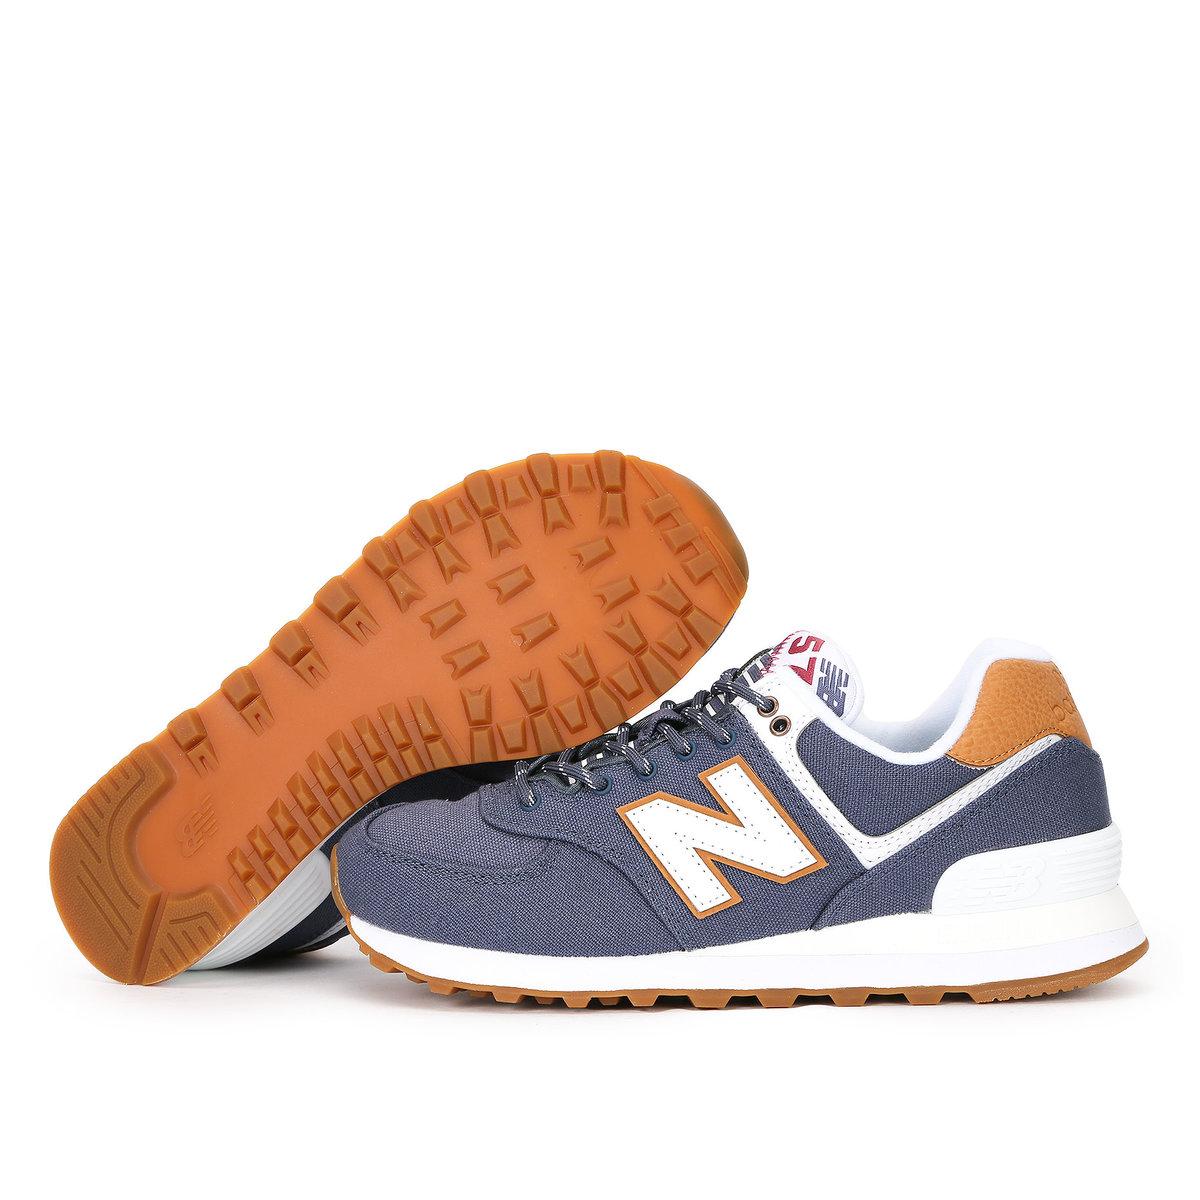 Заказ кроссовок new balance из америки Официальный сайт 🛒 http   bit.ly 8a8808a89fb